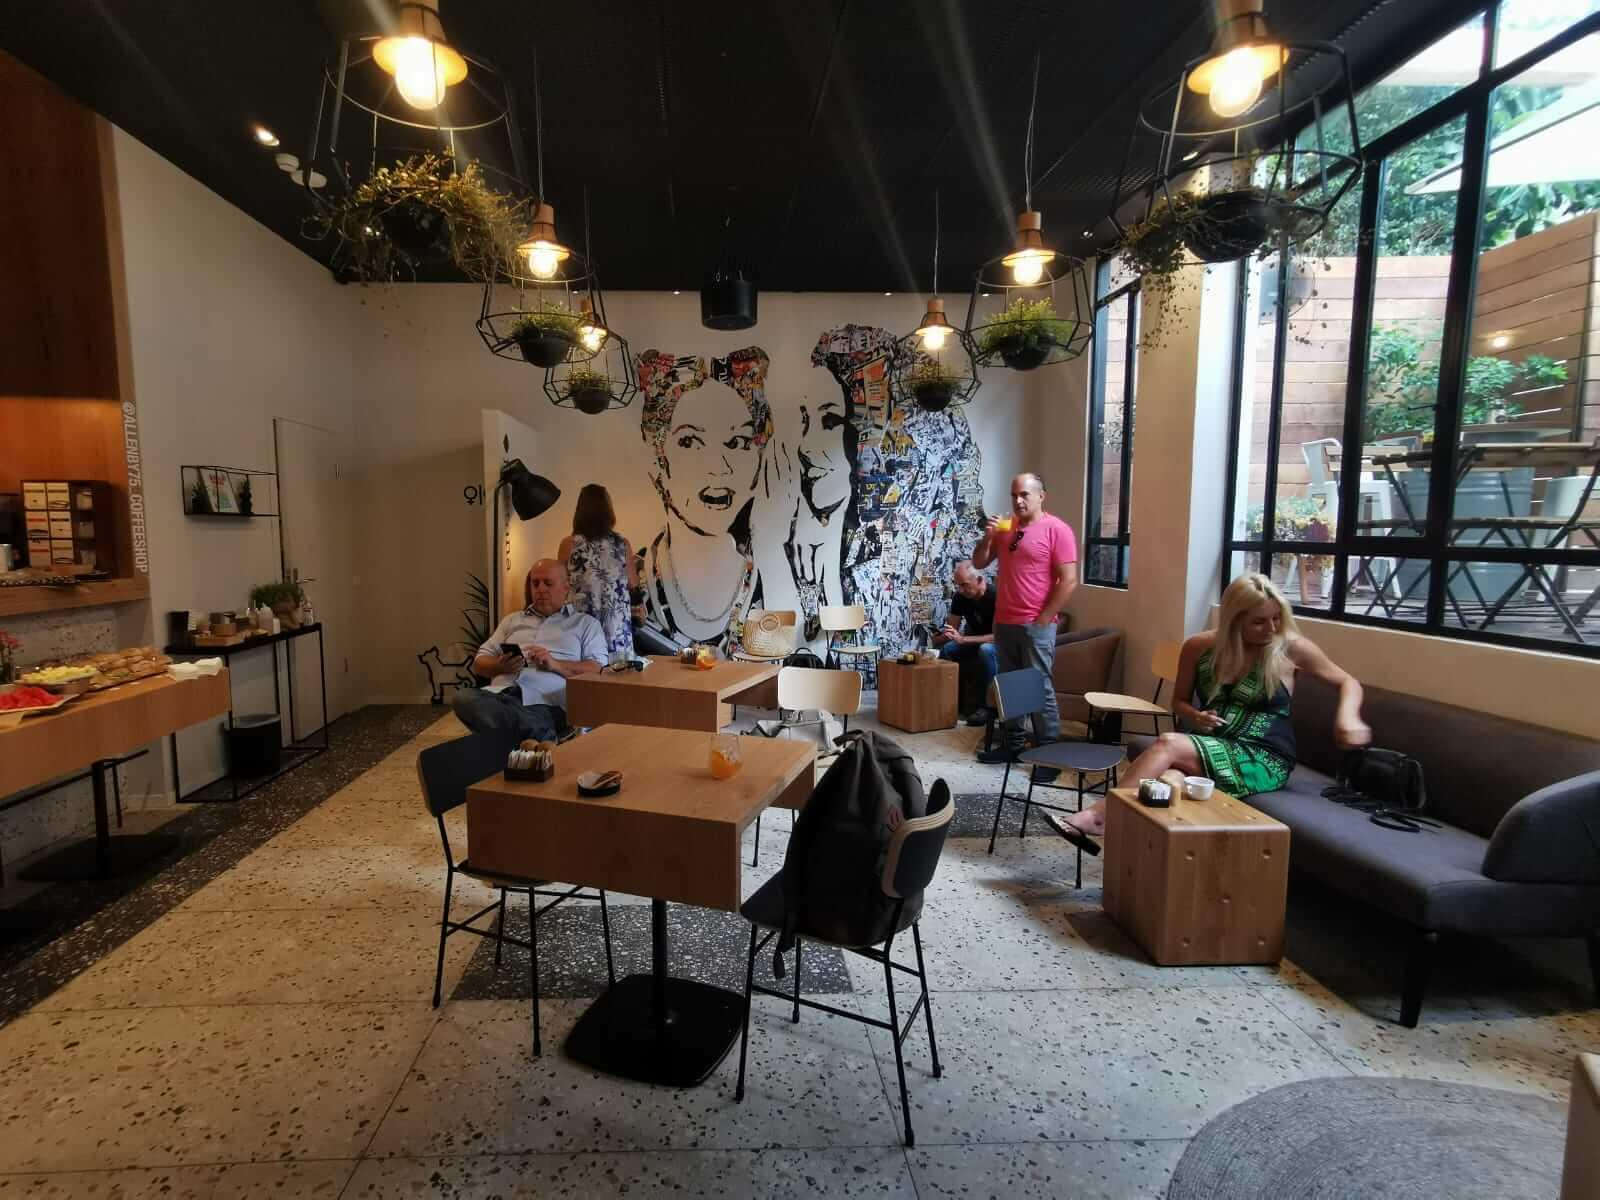 בית הקפה במלון הוטל 75